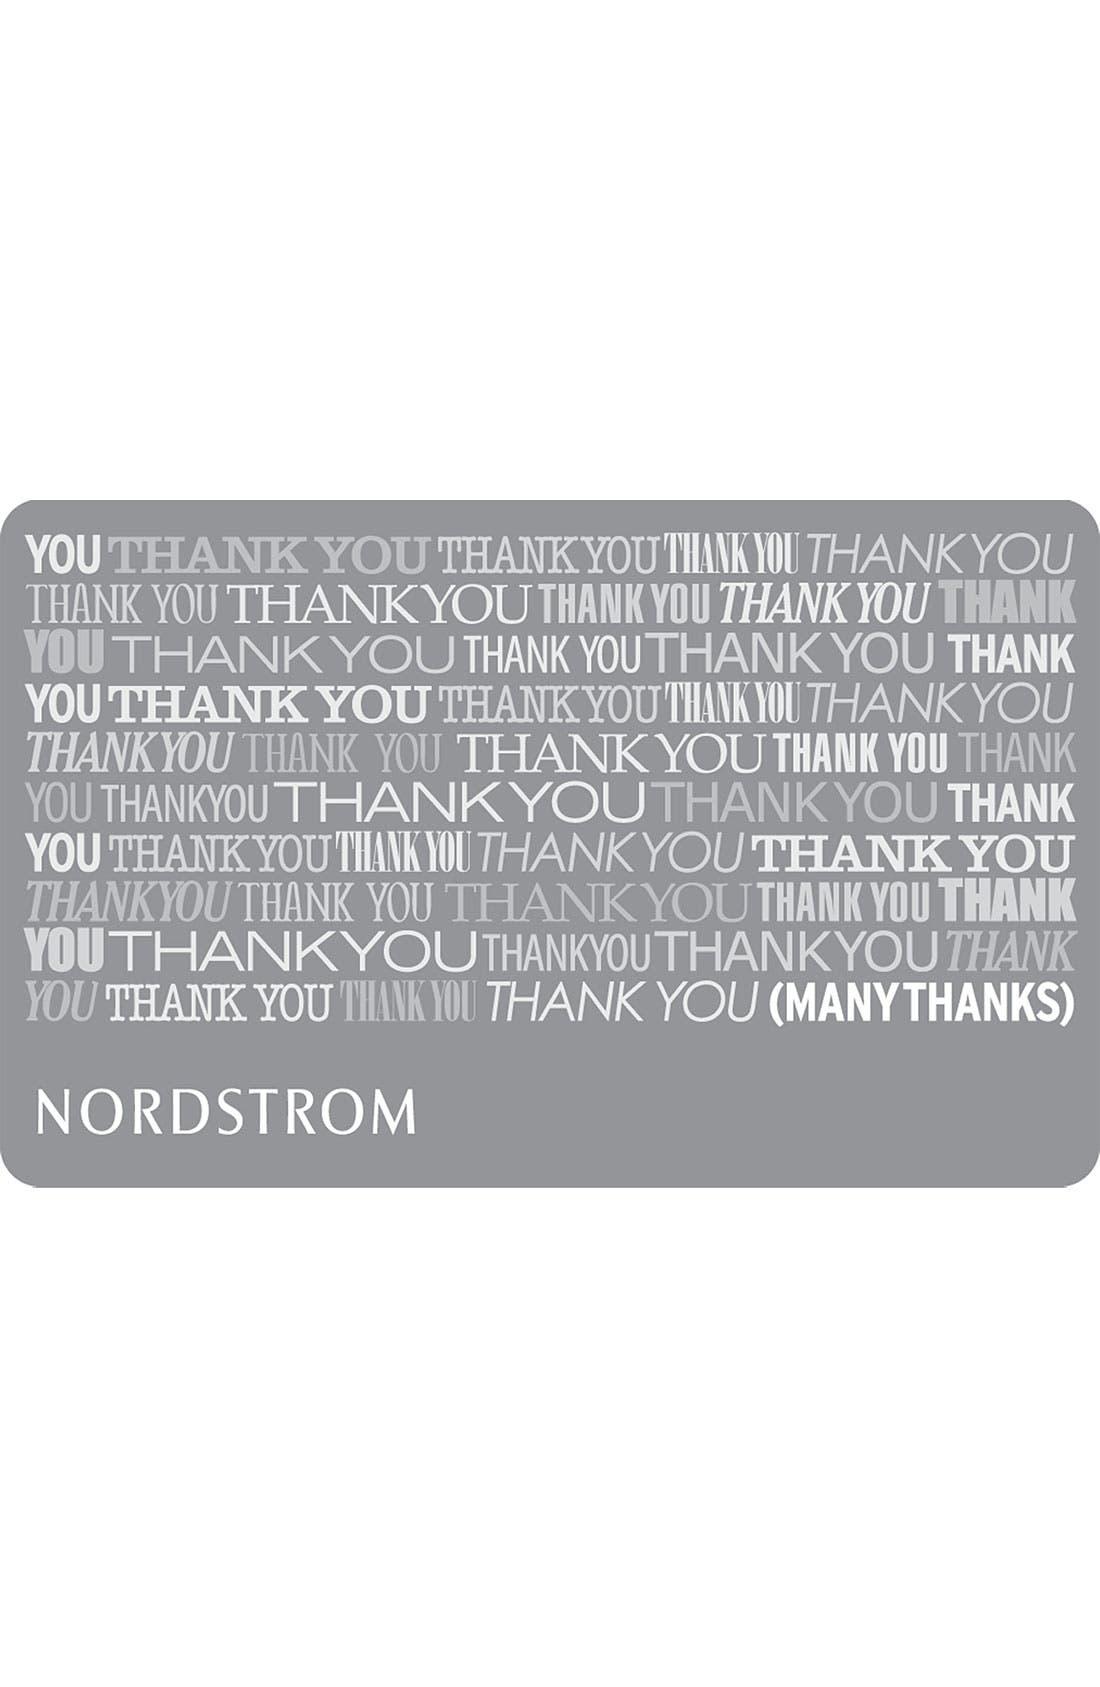 NORDSTROM GIFT CARD   Nordstrom